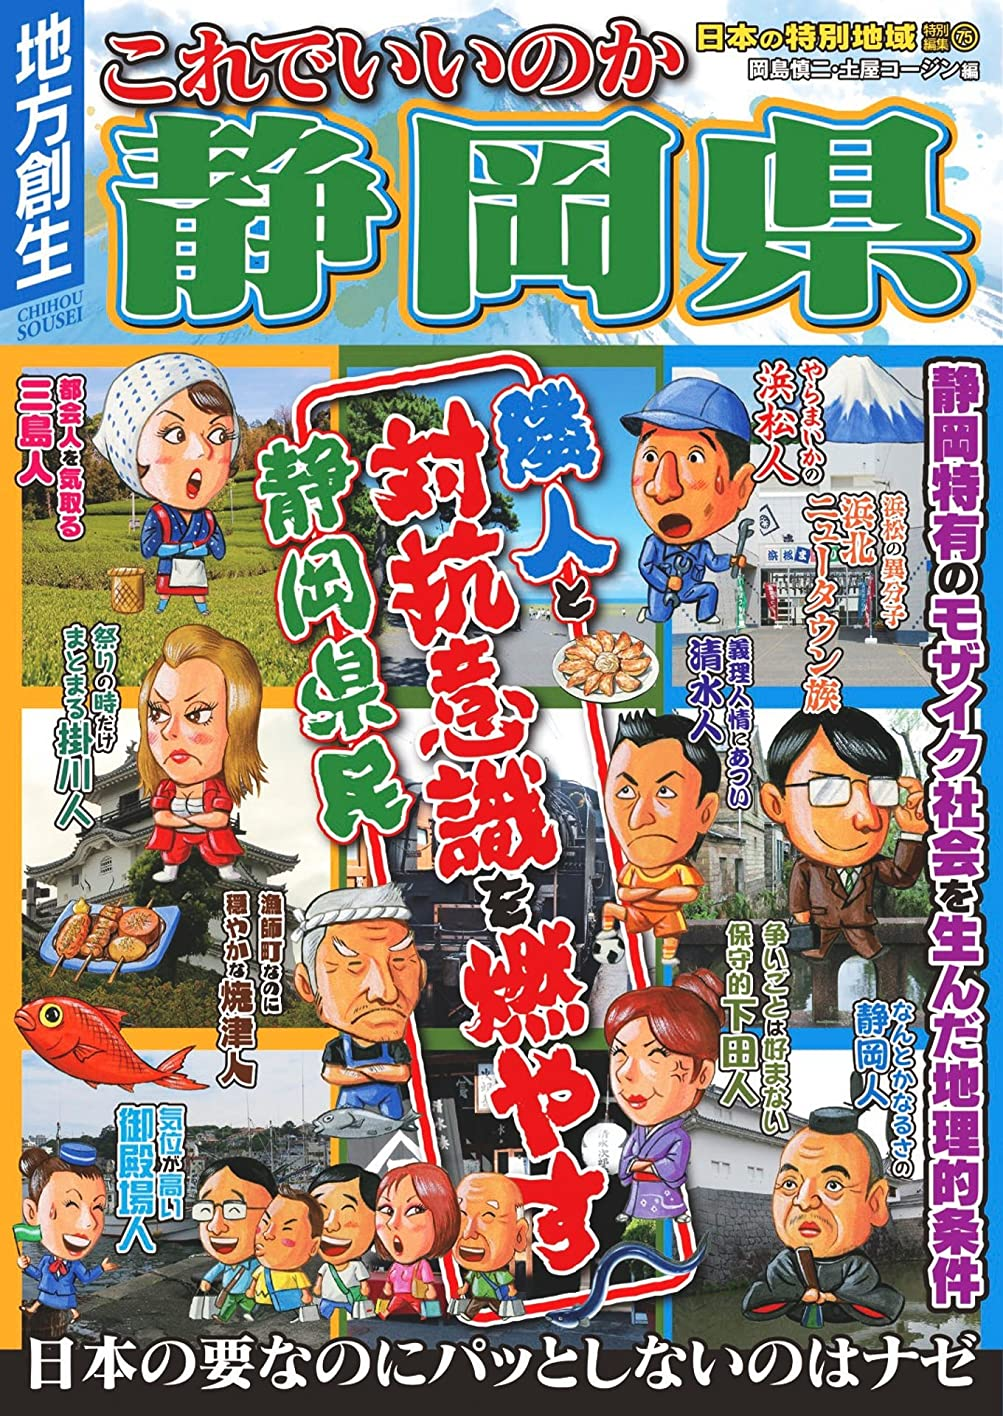 オリエンタルスタッフクライマックス日本の特別地域 特別編集75 これでいいのか静岡県